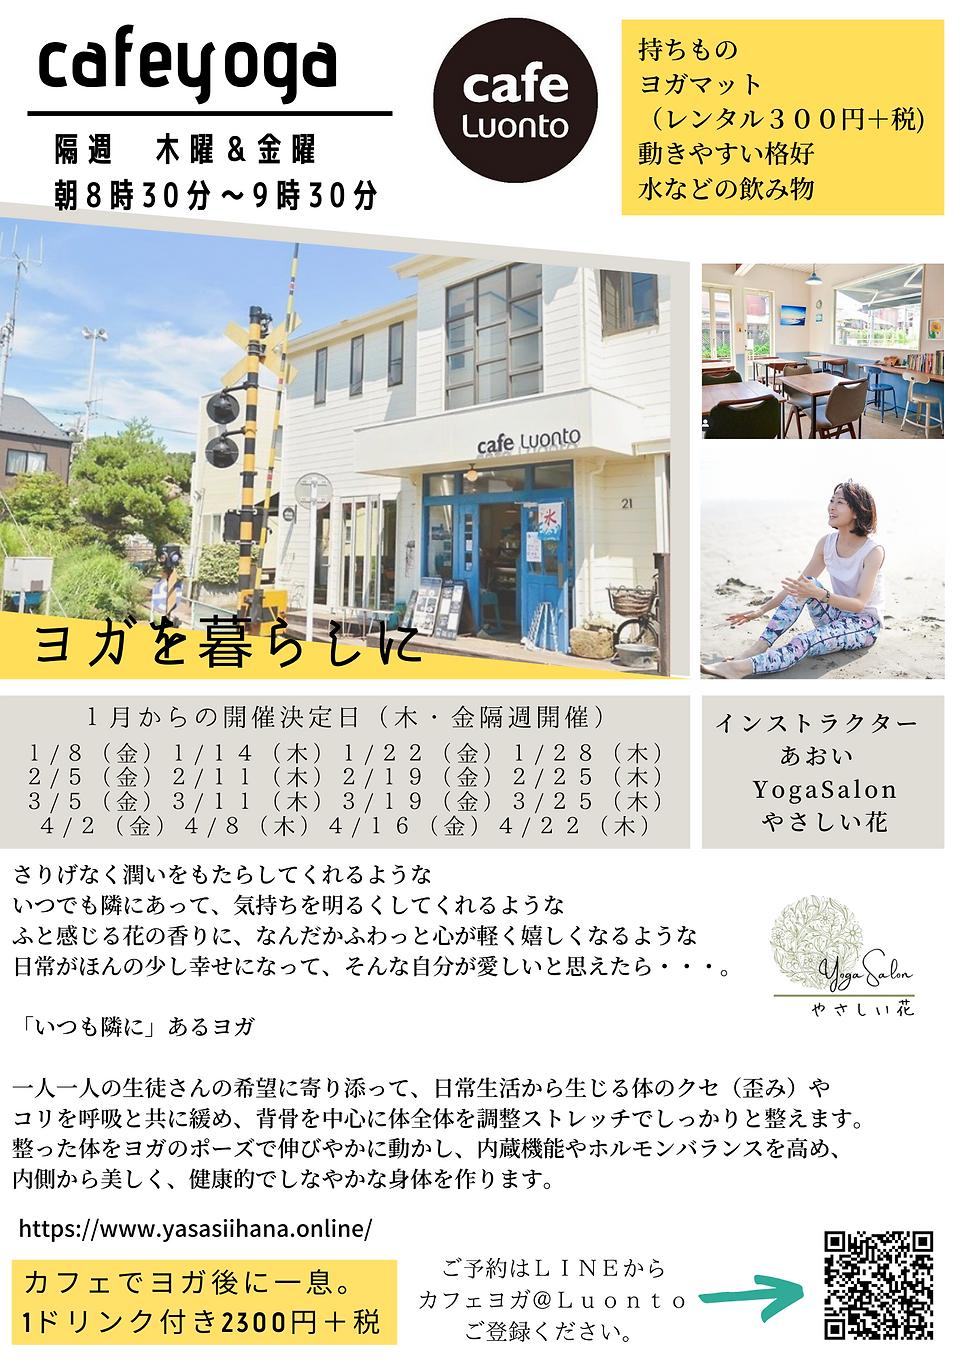 黄 黒 フリーペーパー 雑誌の表紙 (1).png